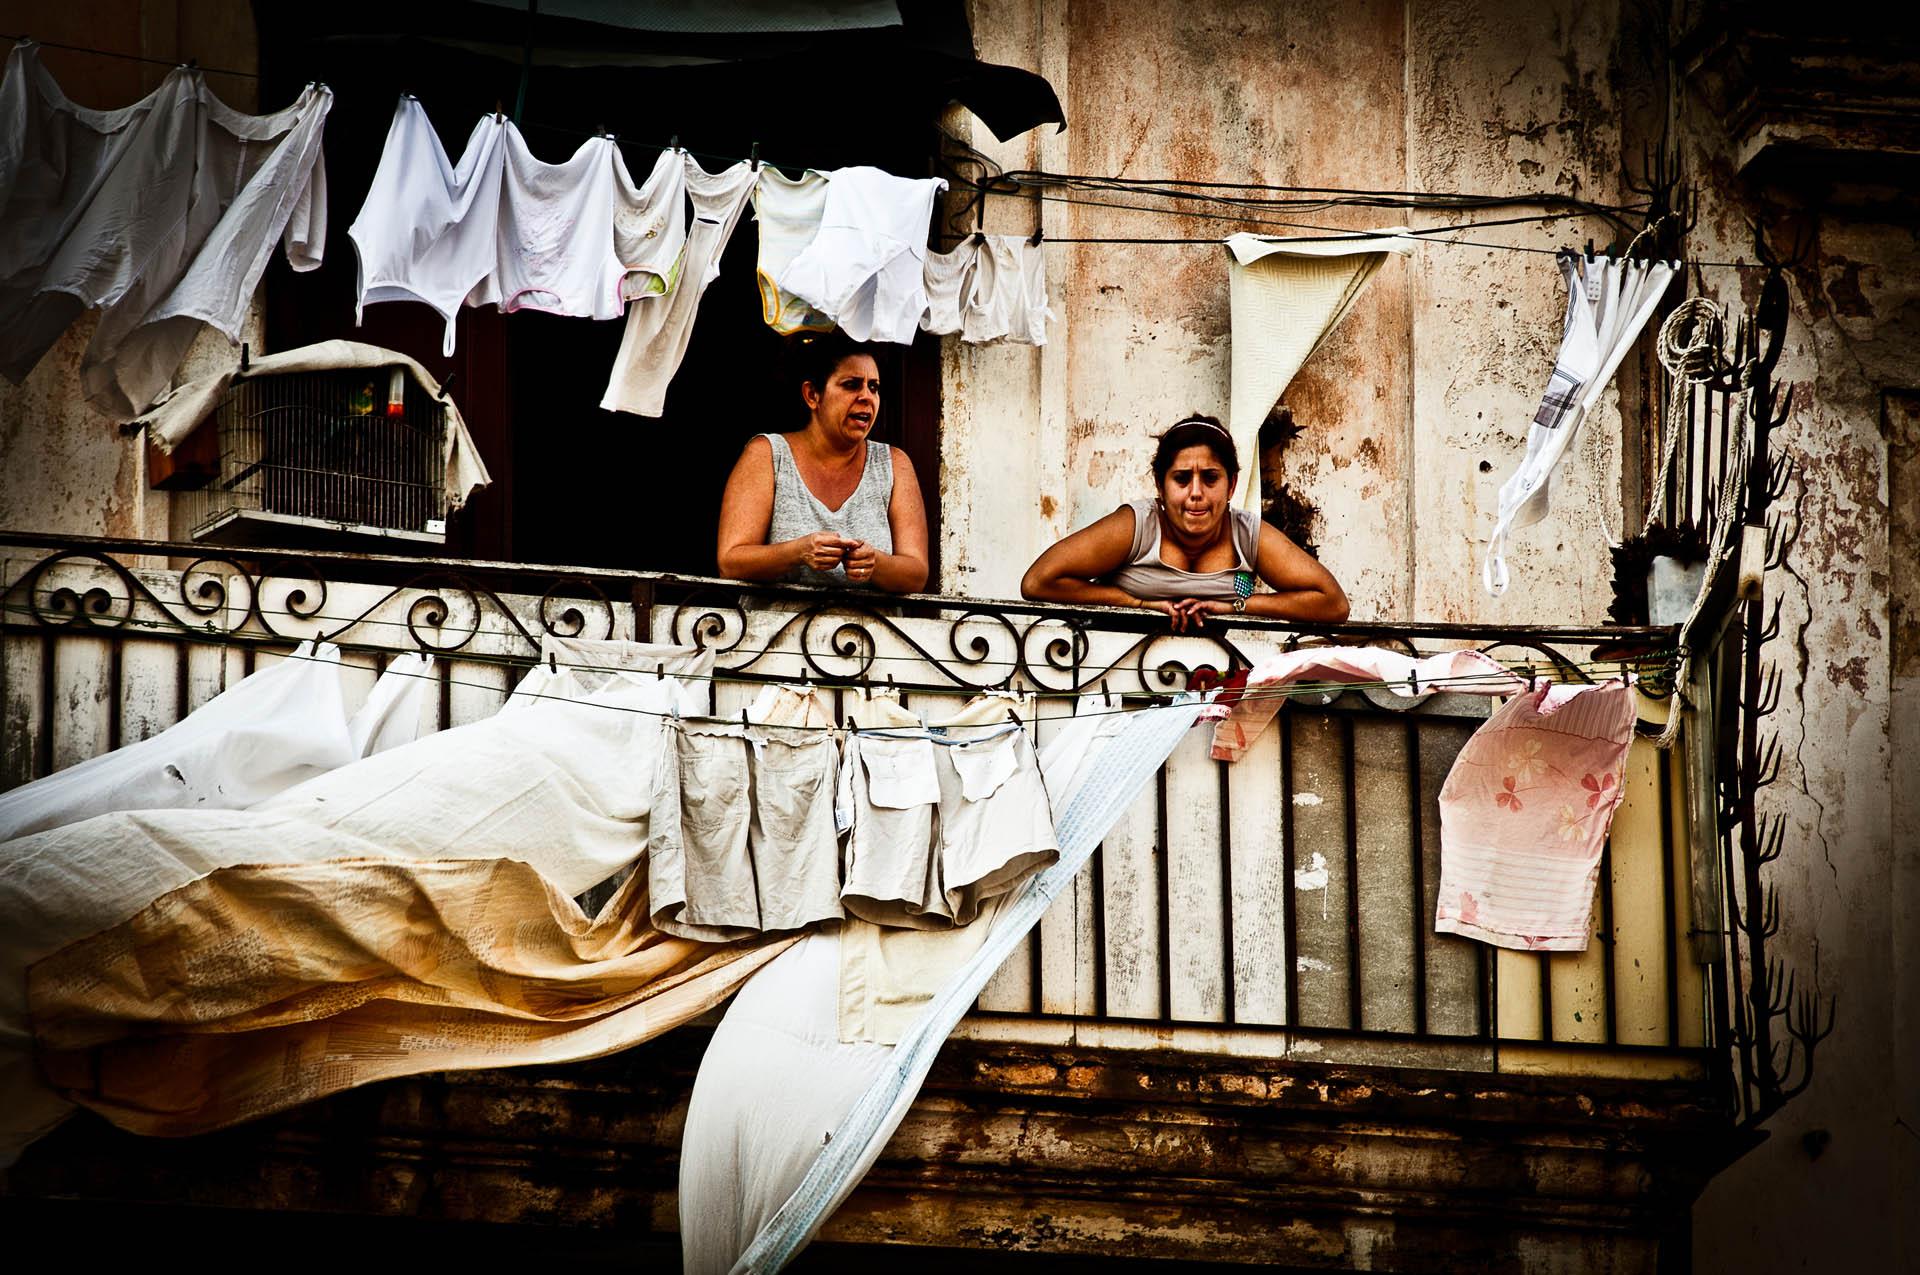 Bydlení v centru Havany nutně neznamená kdovíjaký luxus...